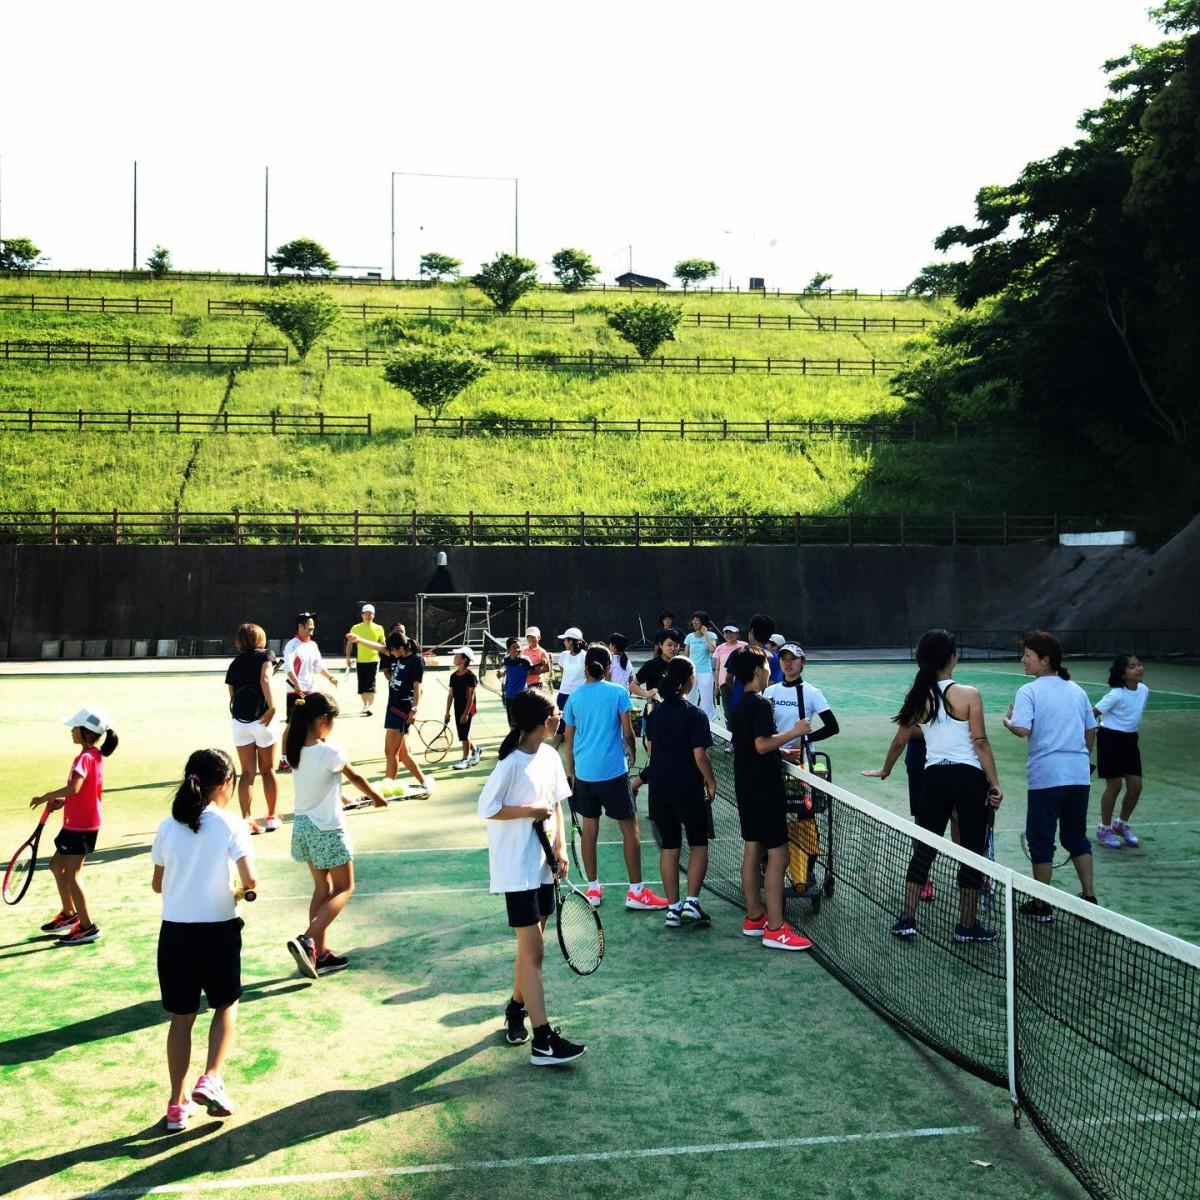 土曜日に、テニス普及の会でのテニス体験クリニックを開催しました!